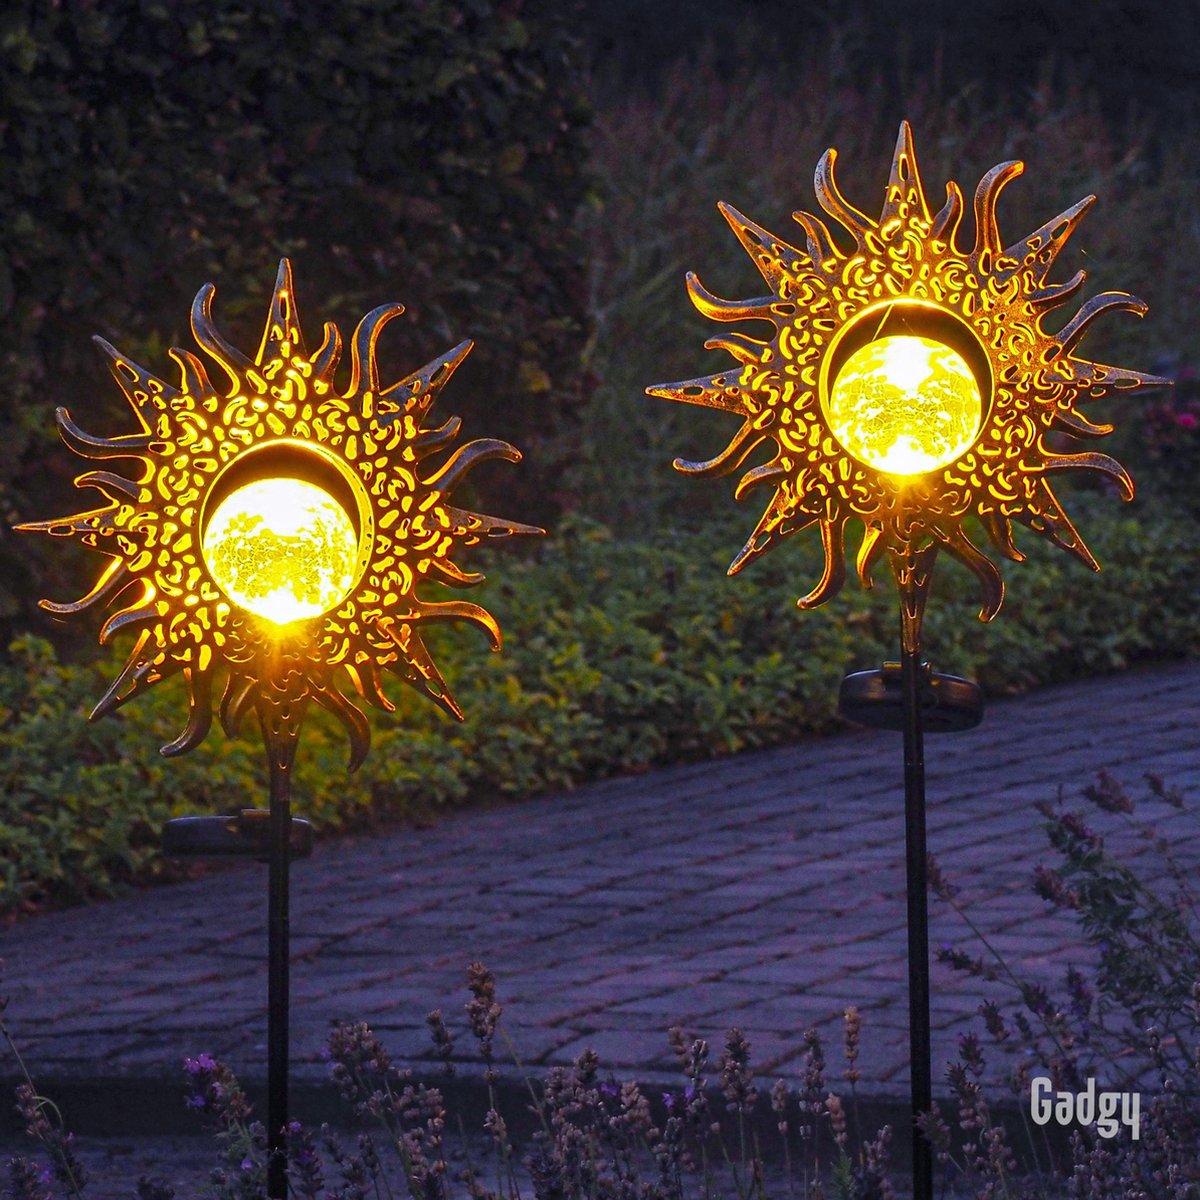 Gadgy Solar Zon met grondspies   Set van 2 st.  103 cm hoog   brons kleurig metaal   Tuinverlichting